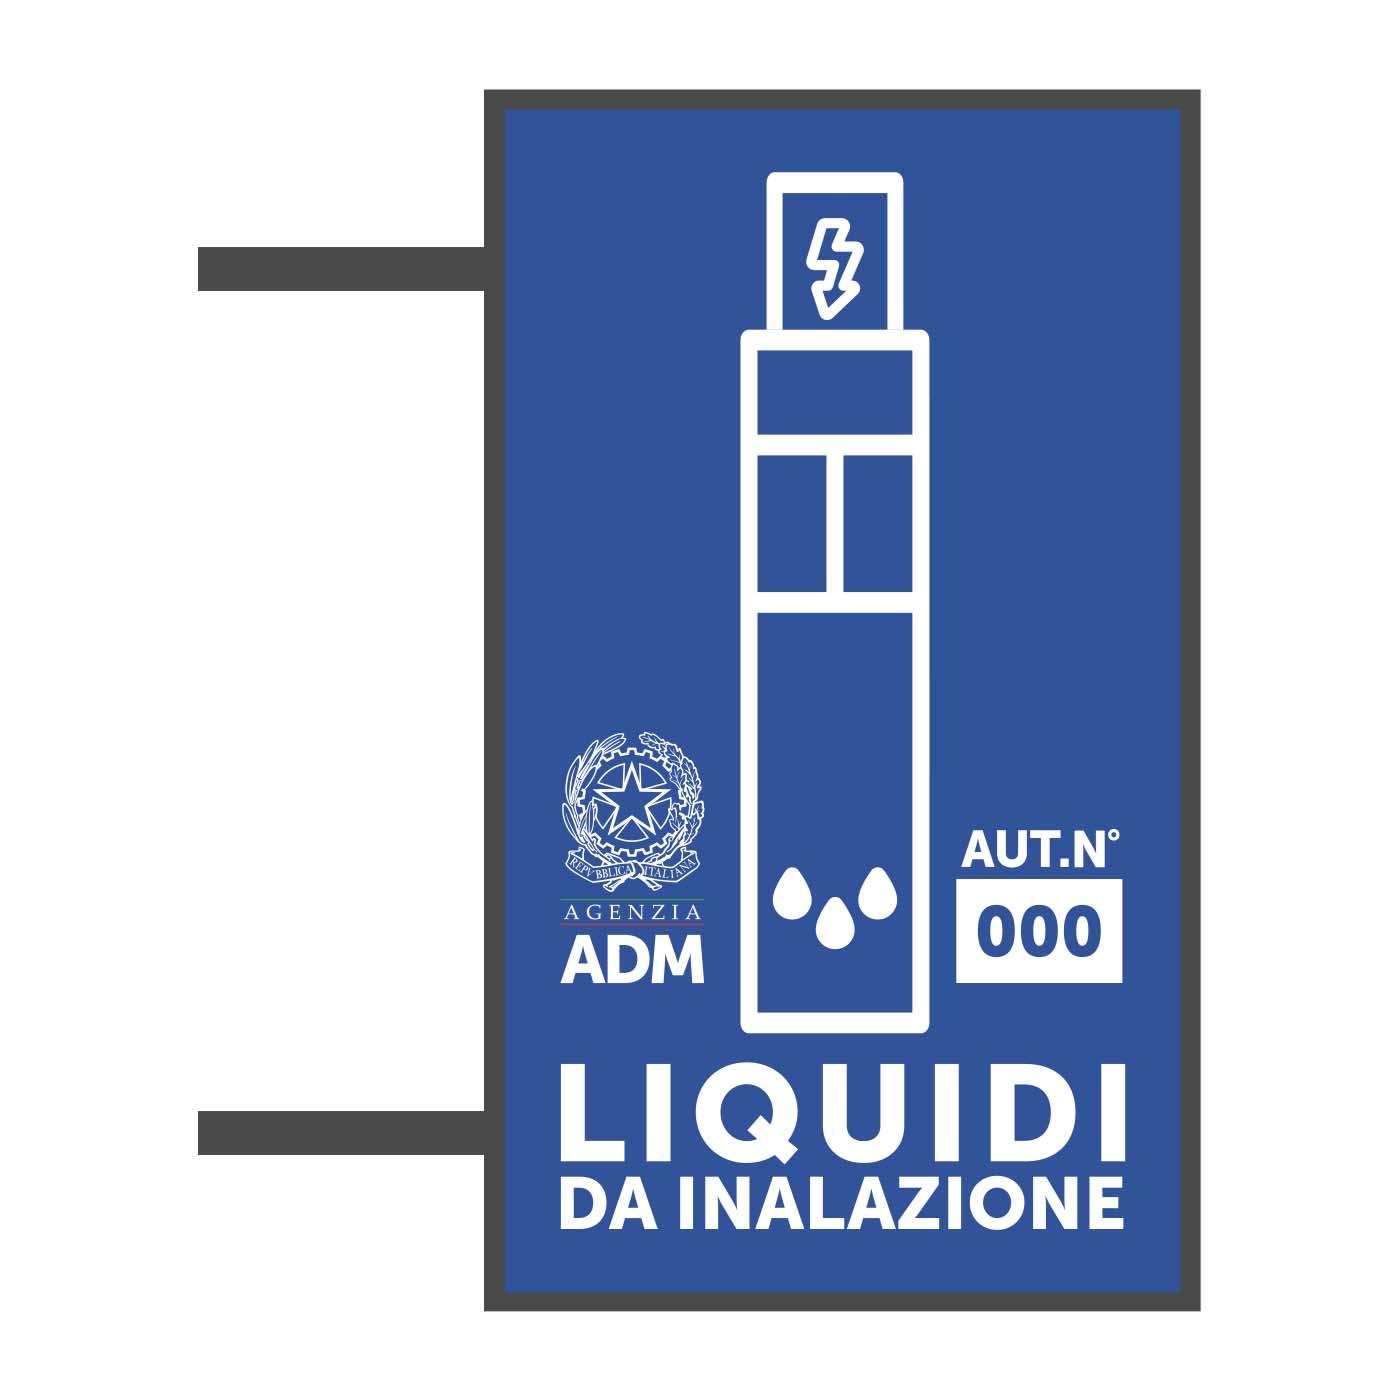 Insegne per liquidi da inalazione come a norma di legge come richiesto dalla ADM